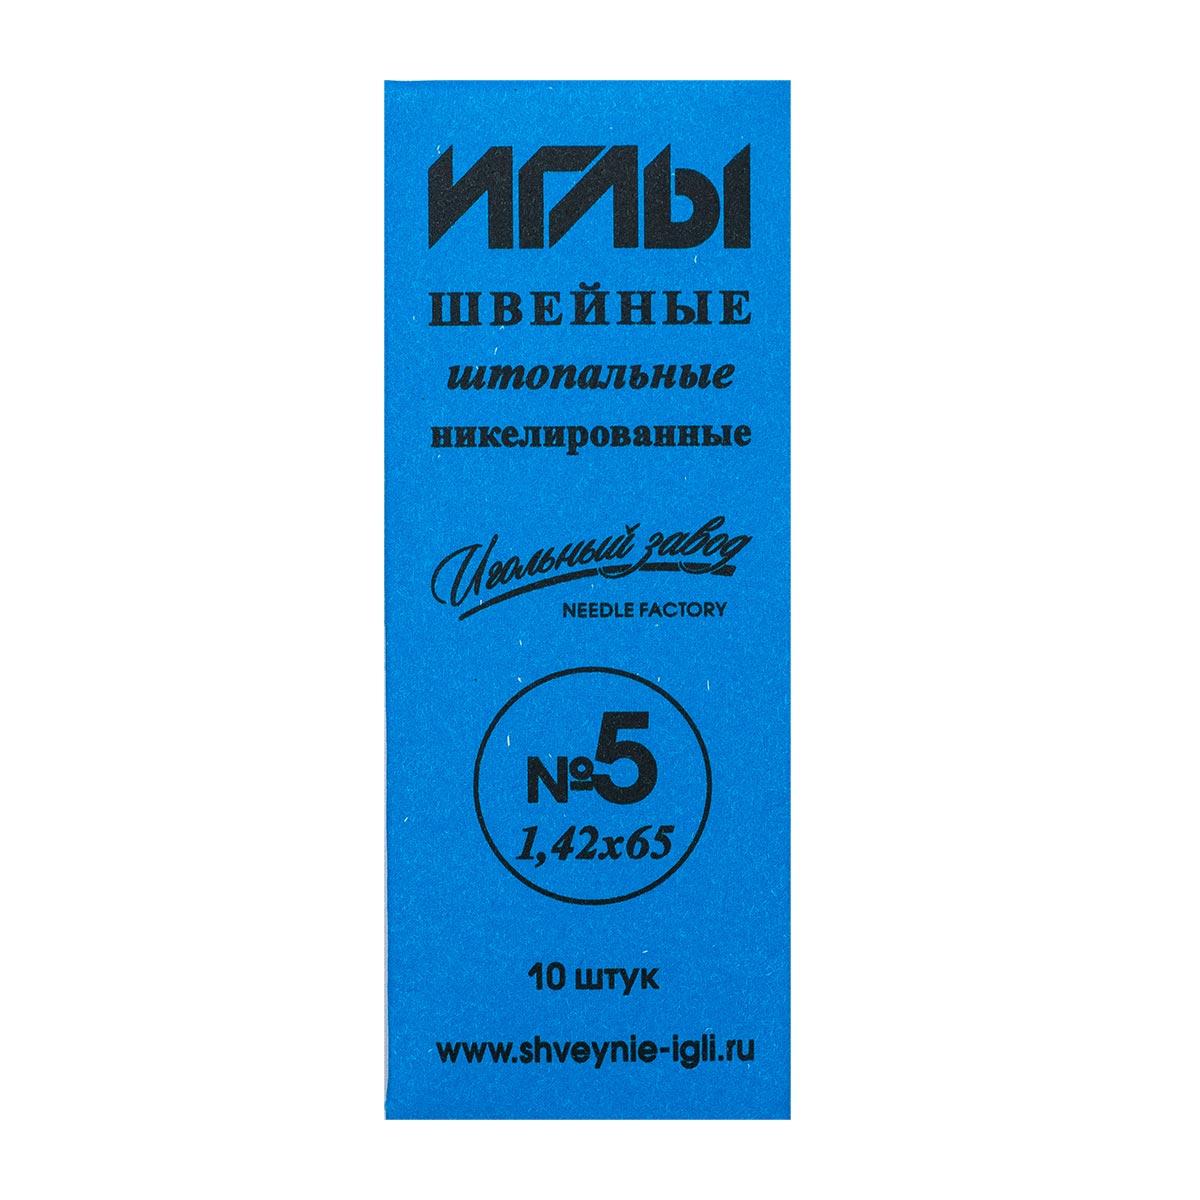 ИЗ-200133 Иглы швейные ручные №5 штопальные никелированные (1,42х65), 10 штук